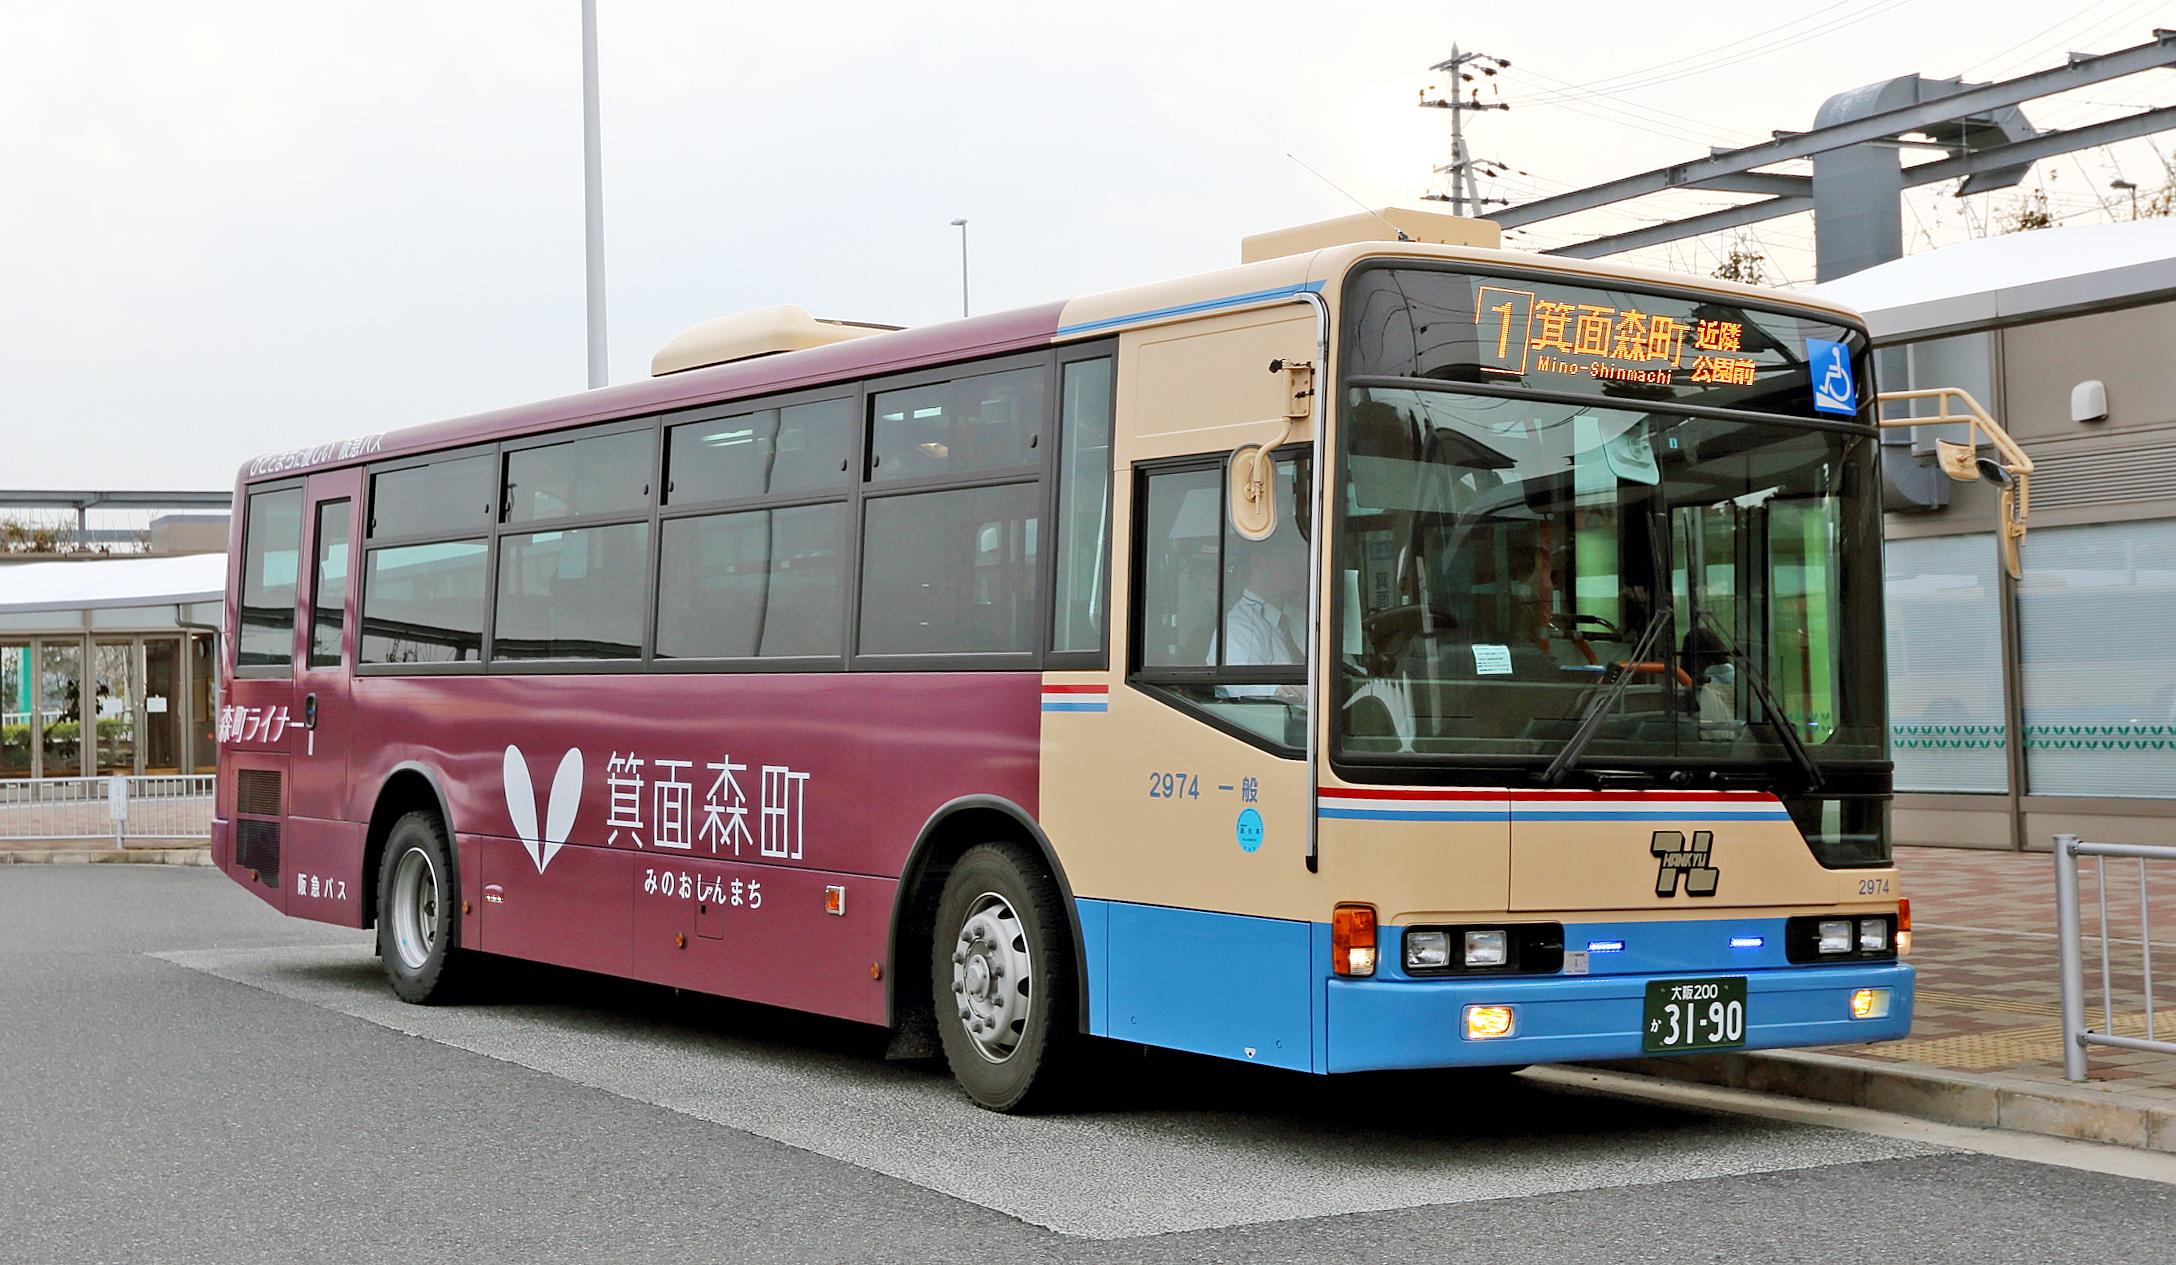 箕面森町にやってくるバスのご紹介! : 森町通信blog